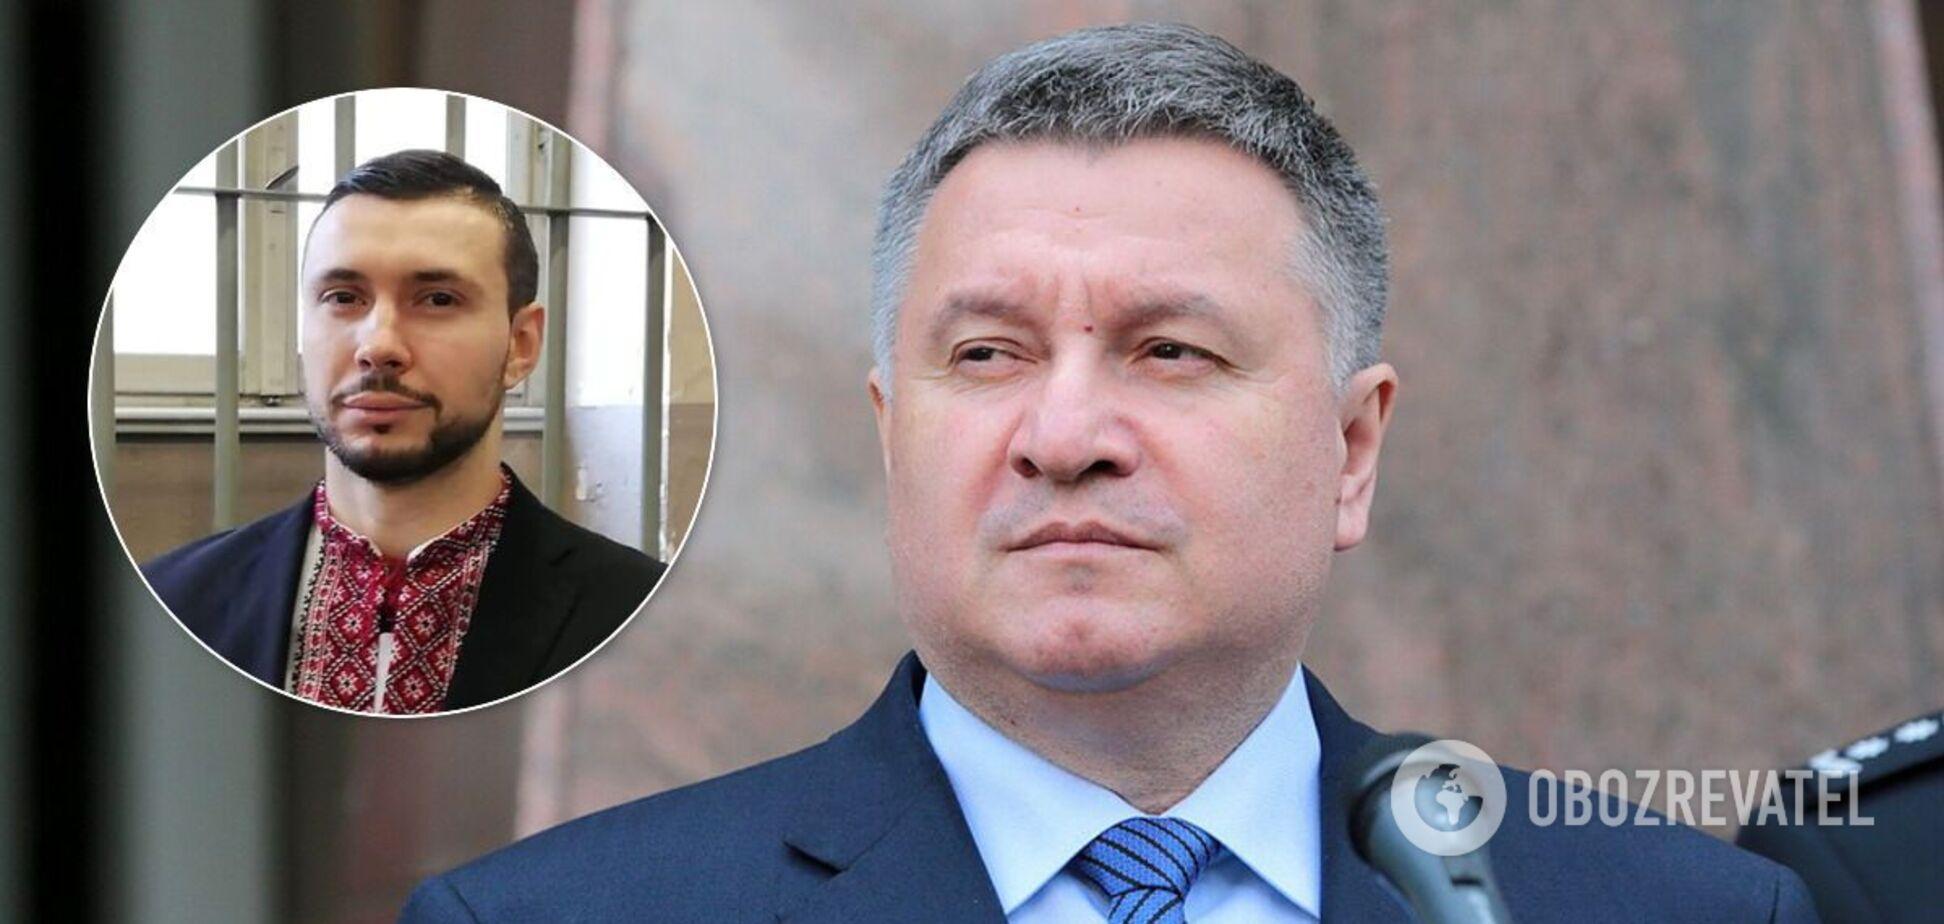 Маркив не виновен и защита предоставит убедительные доказательства, – Аваков